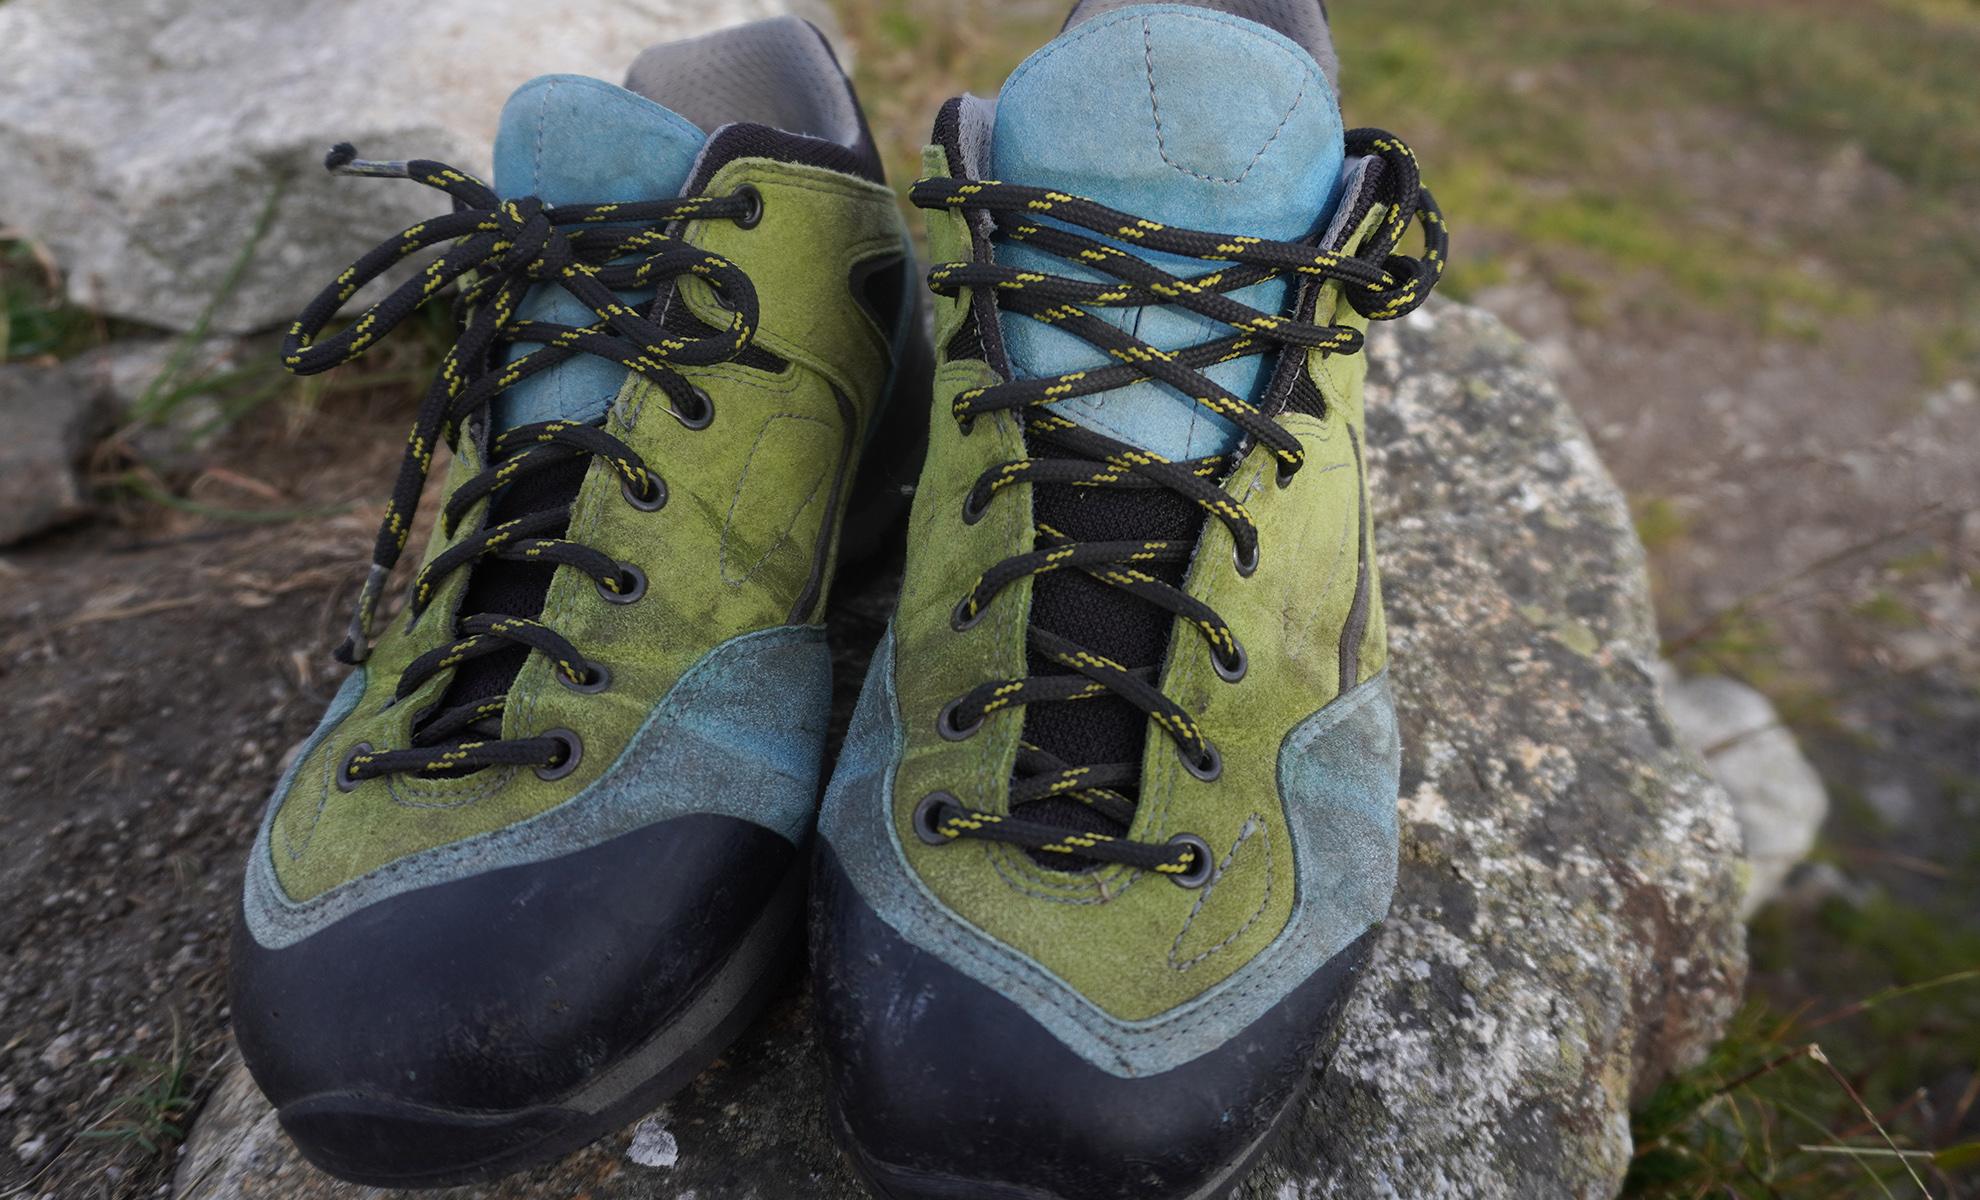 Bosp Grifit recenzia, topánky bude treba častejšie čistiť kvôli svetlým farbám.